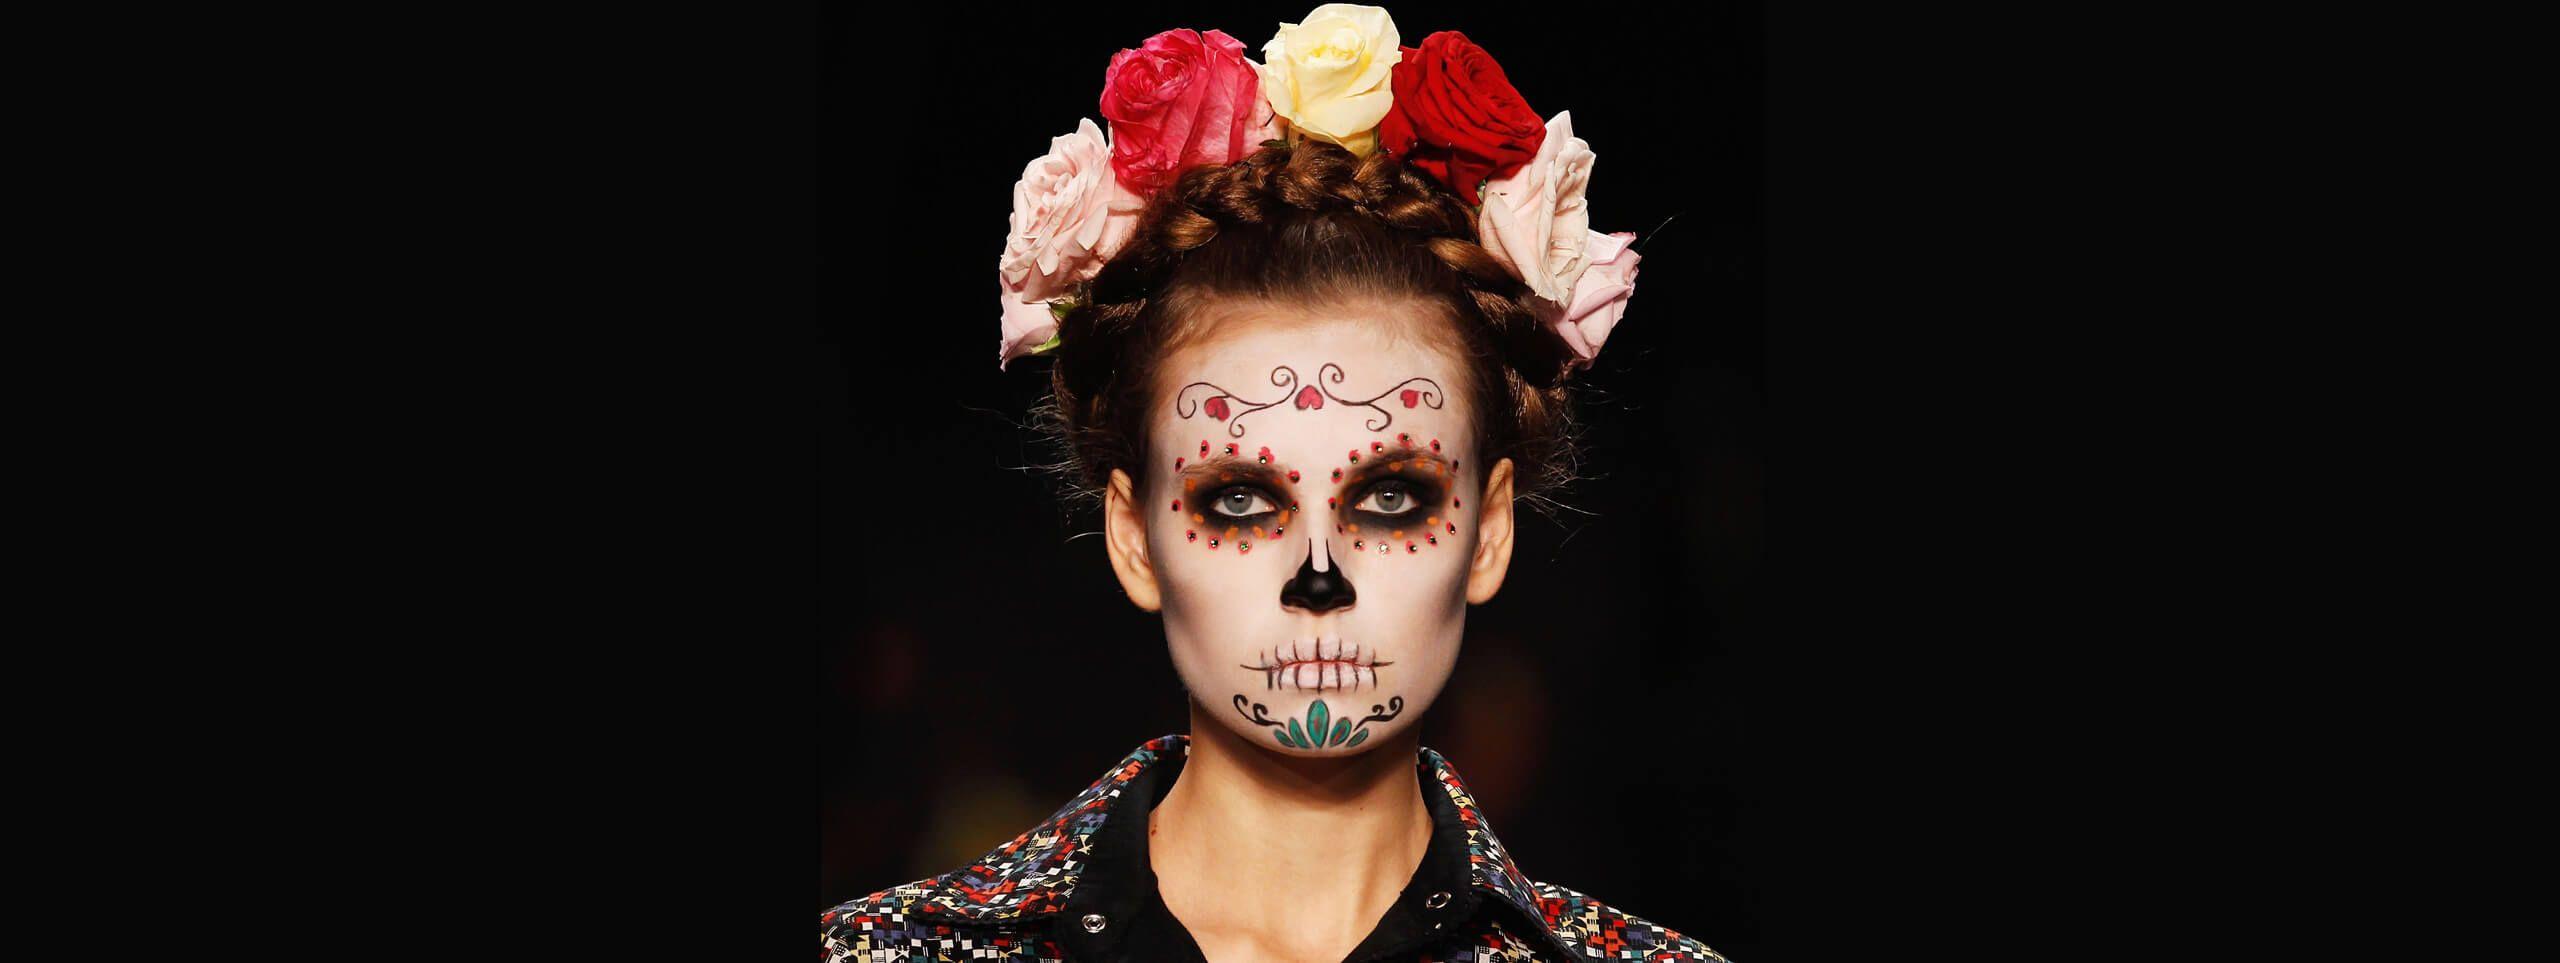 Modelka z makijażem i fryzurą w stylu Halloween